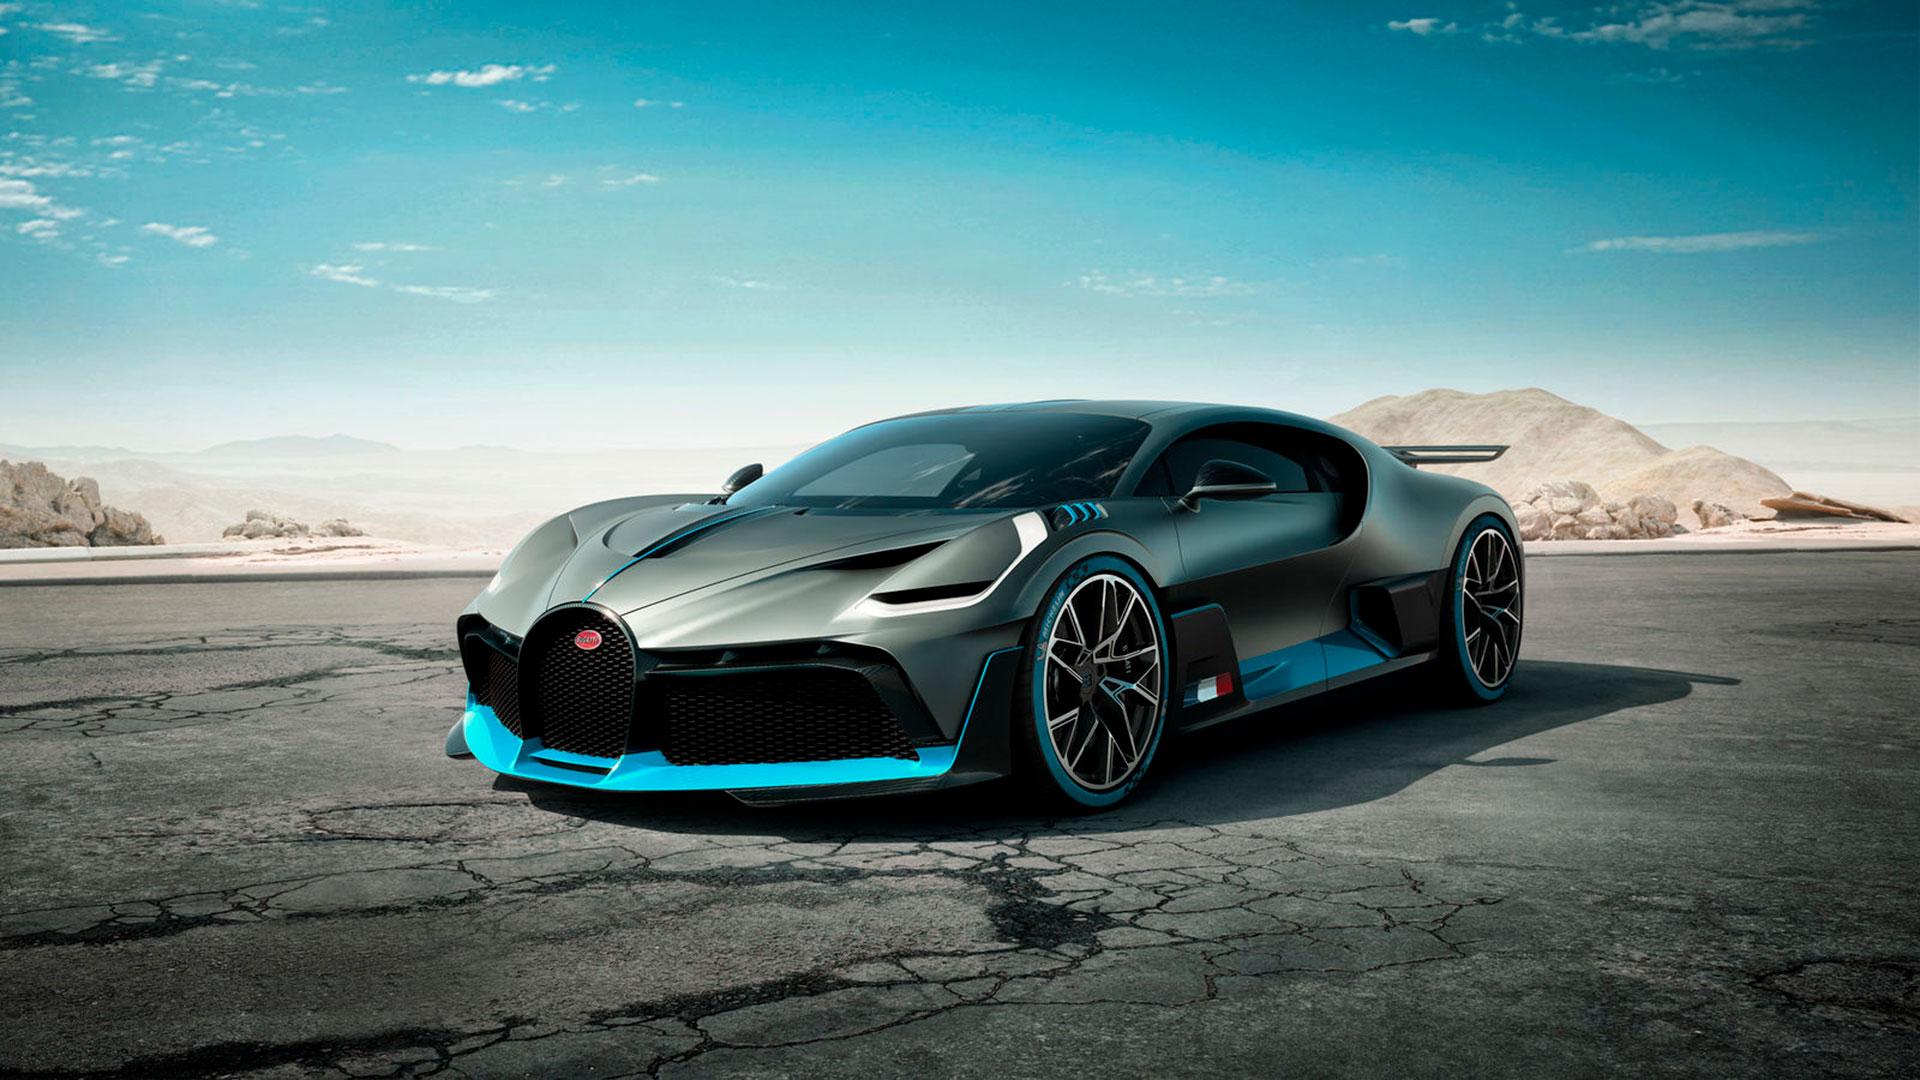 El Ranking De Los Sueños Cuáles Son Los 10 Súper Autos Más Caros Del Mundo Infobae